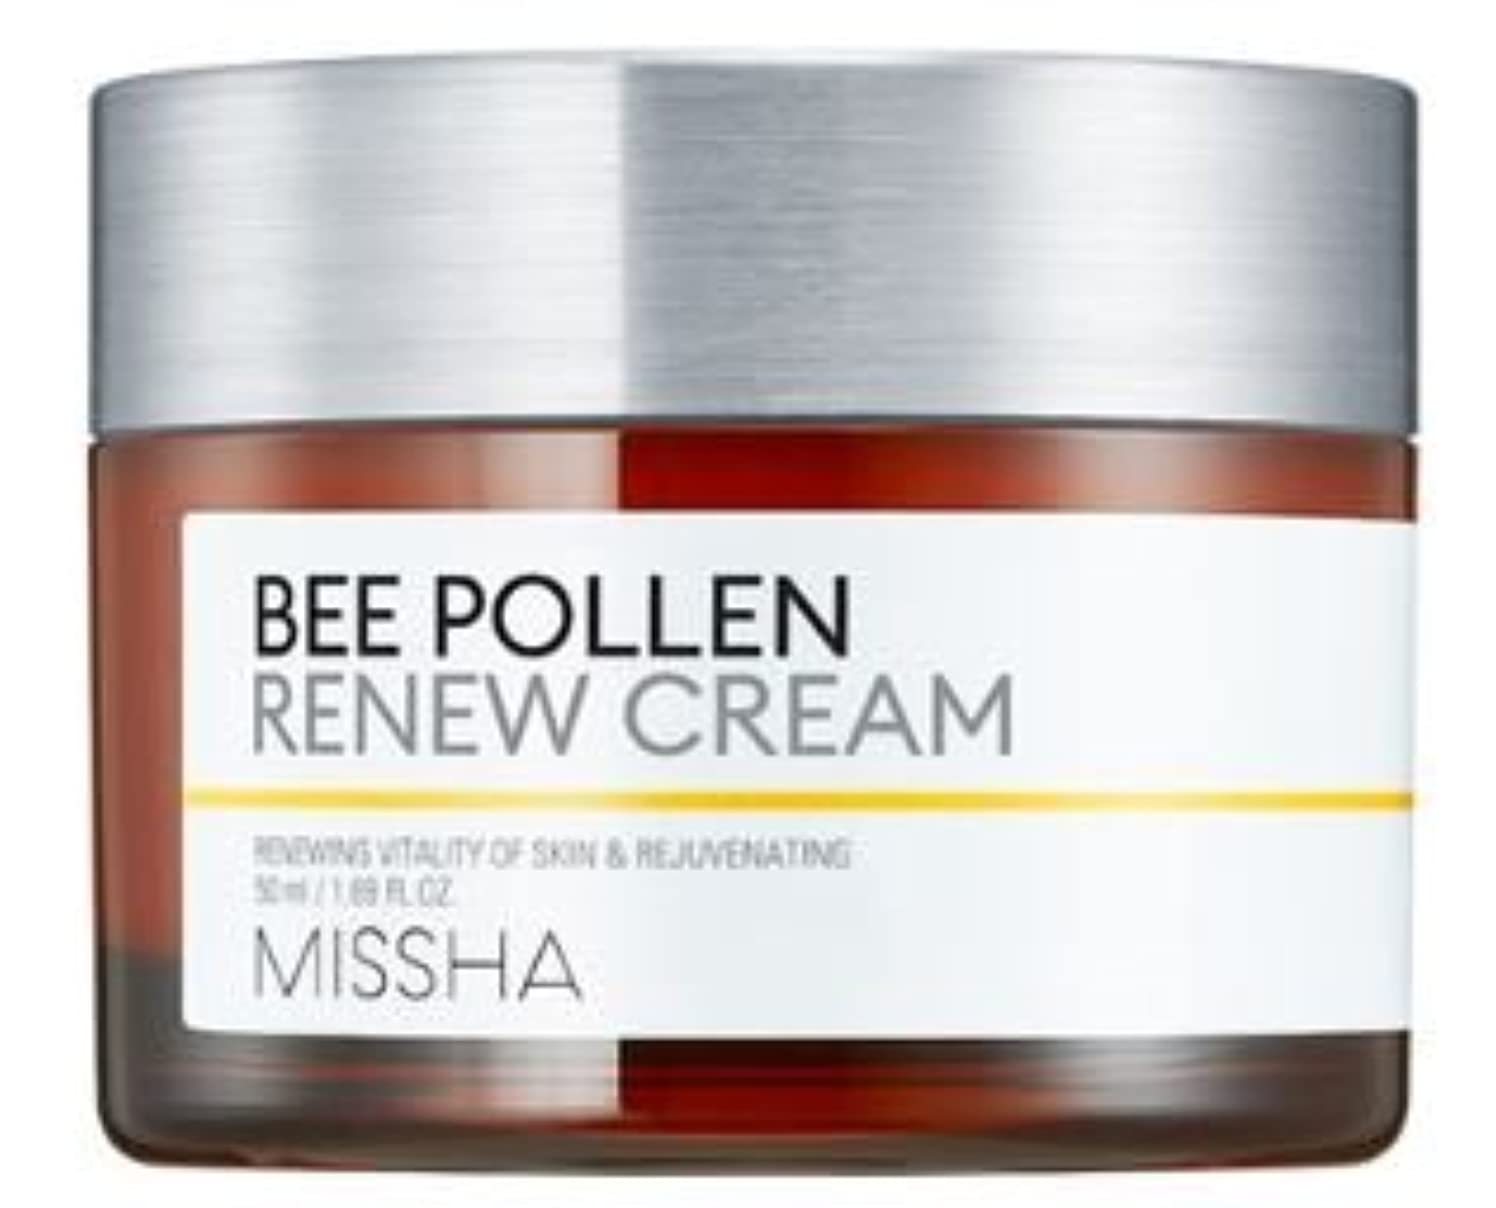 消える細菌オーブン[Missha] Bee Pollen Renew Cream 50ml/[ミシャ] ビーポレンリニュークリーム50ml [並行輸入品]